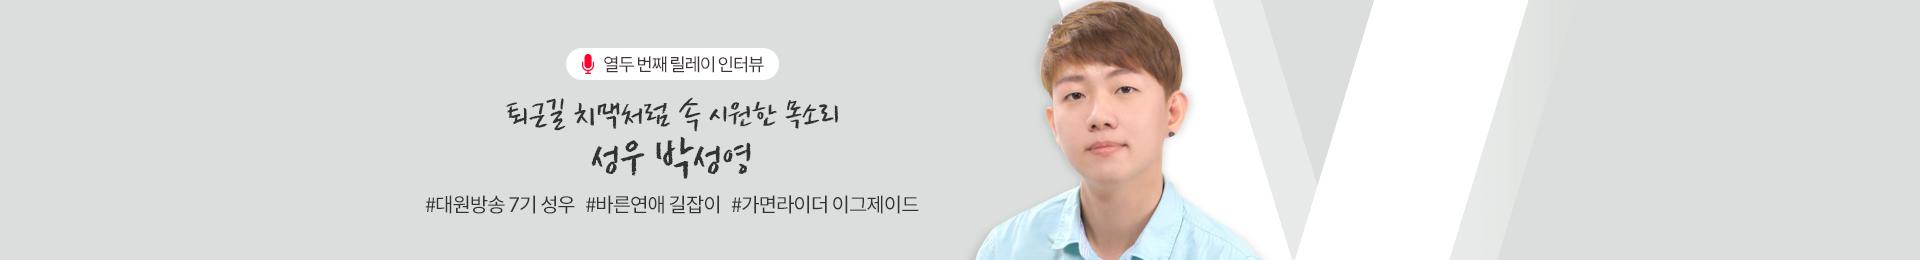 열두 번째 릴레이인터뷰 성우 박성영